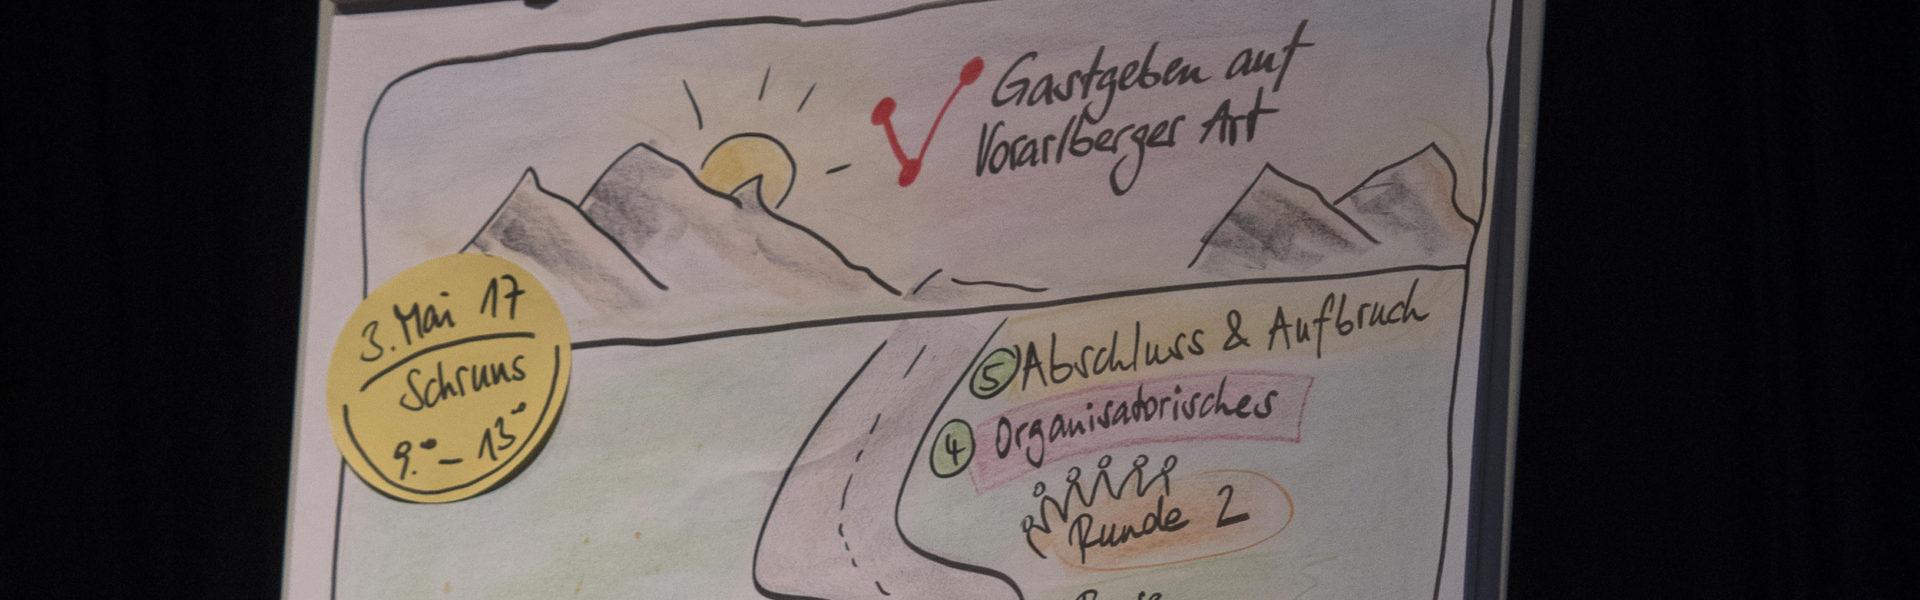 Der Weg zur Gastgeber_in auf Vorarlberger Art